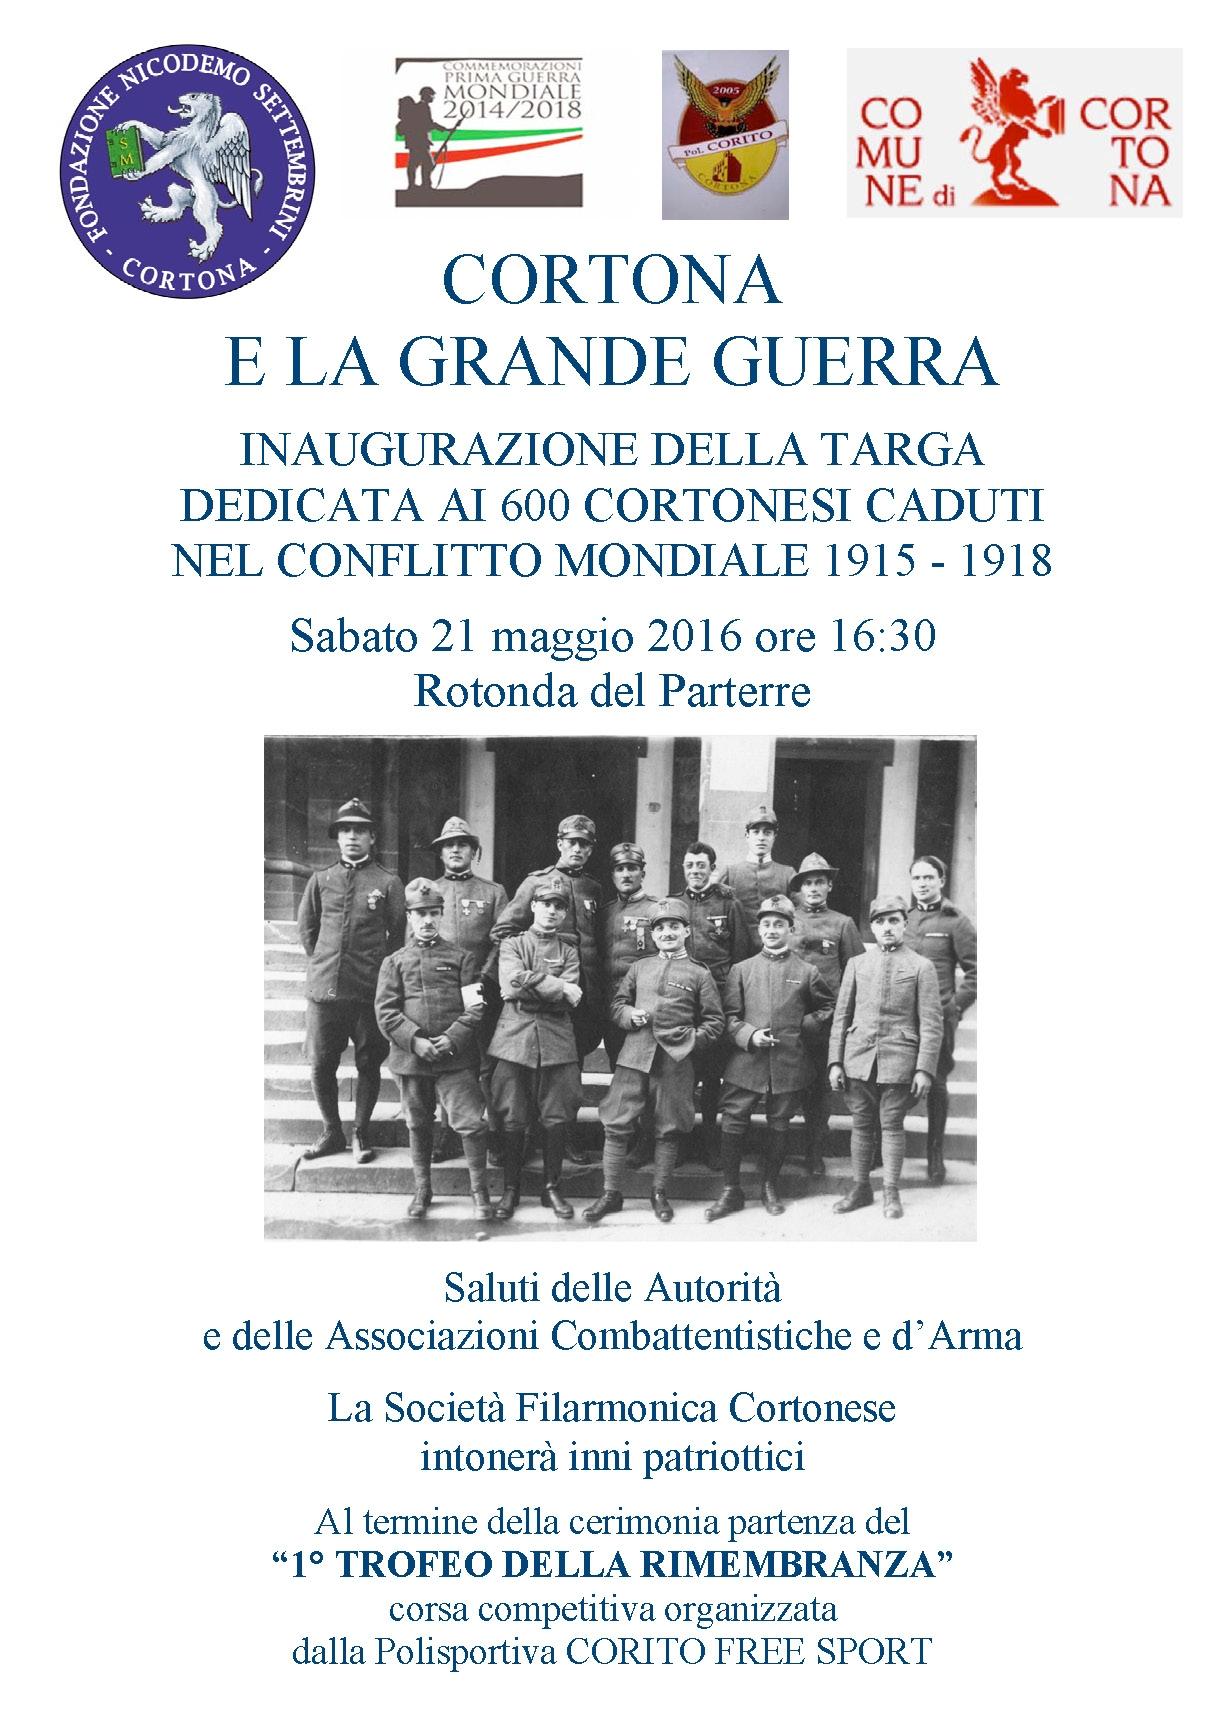 Una targa a Cortona in ricordo dei caduti della Grande Guerra